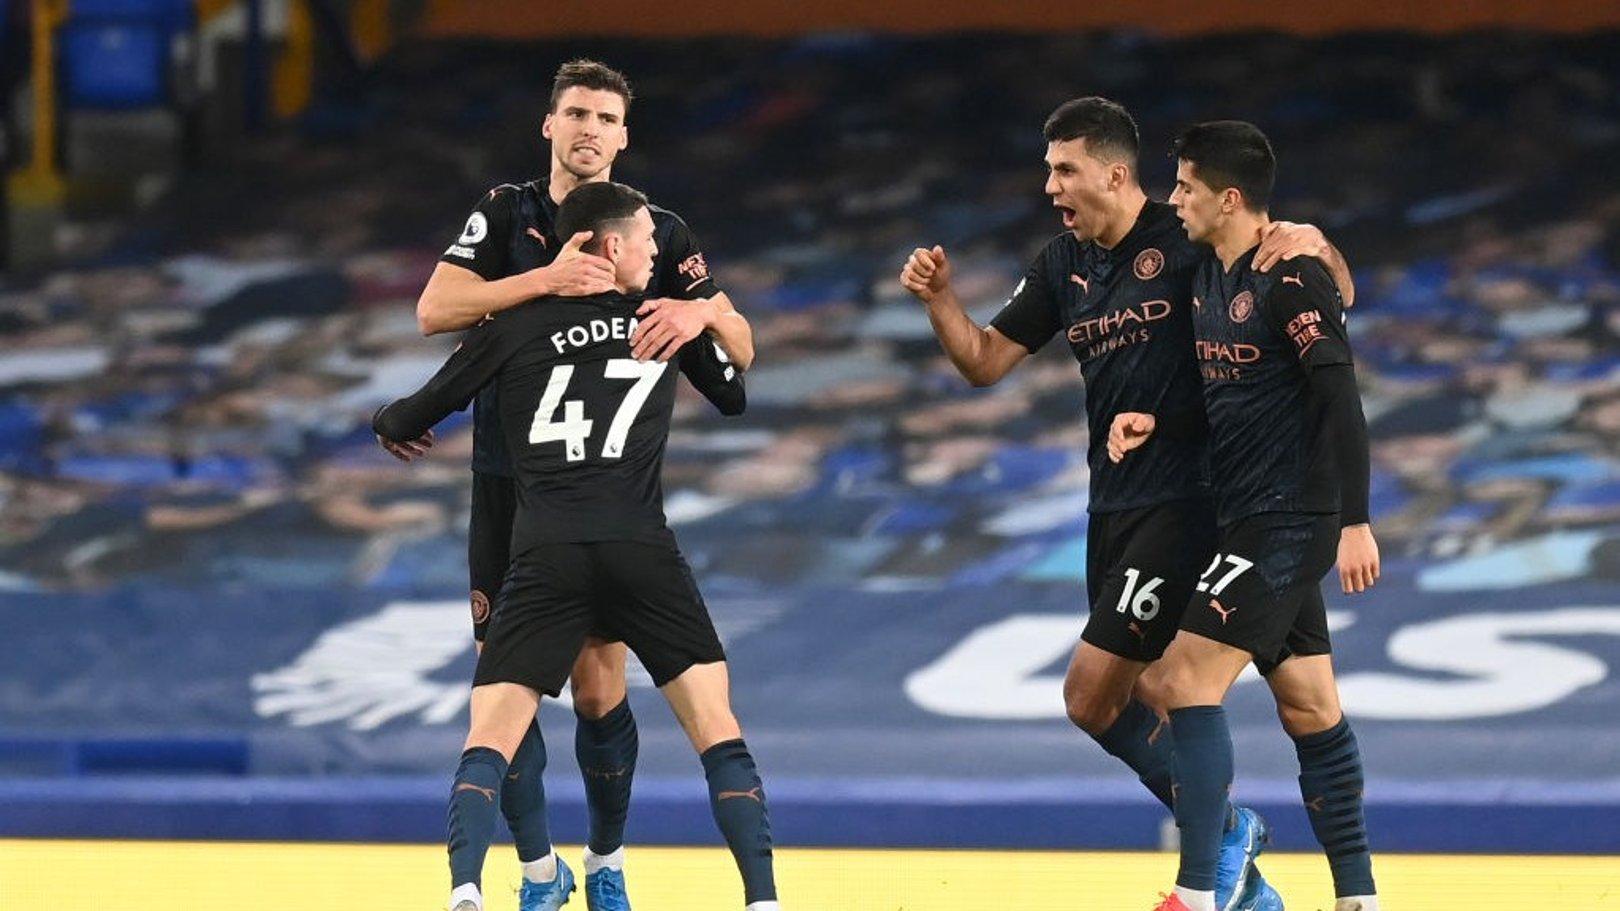 Como assistir a Everton x City?